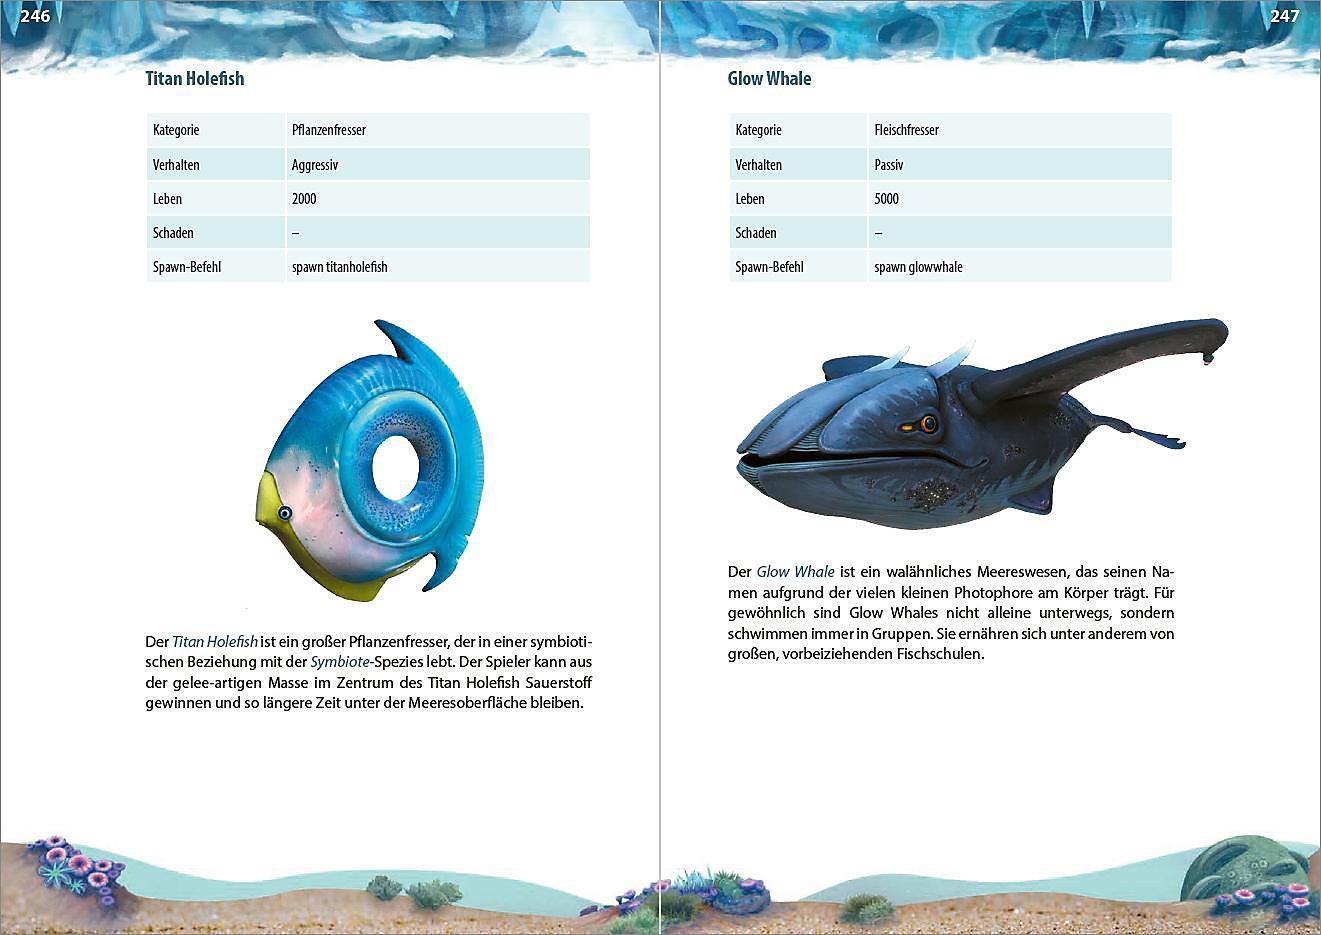 Subnautica Karte Deutsch.Das Inoffizielle Handbuch Zu Subnautica Buch